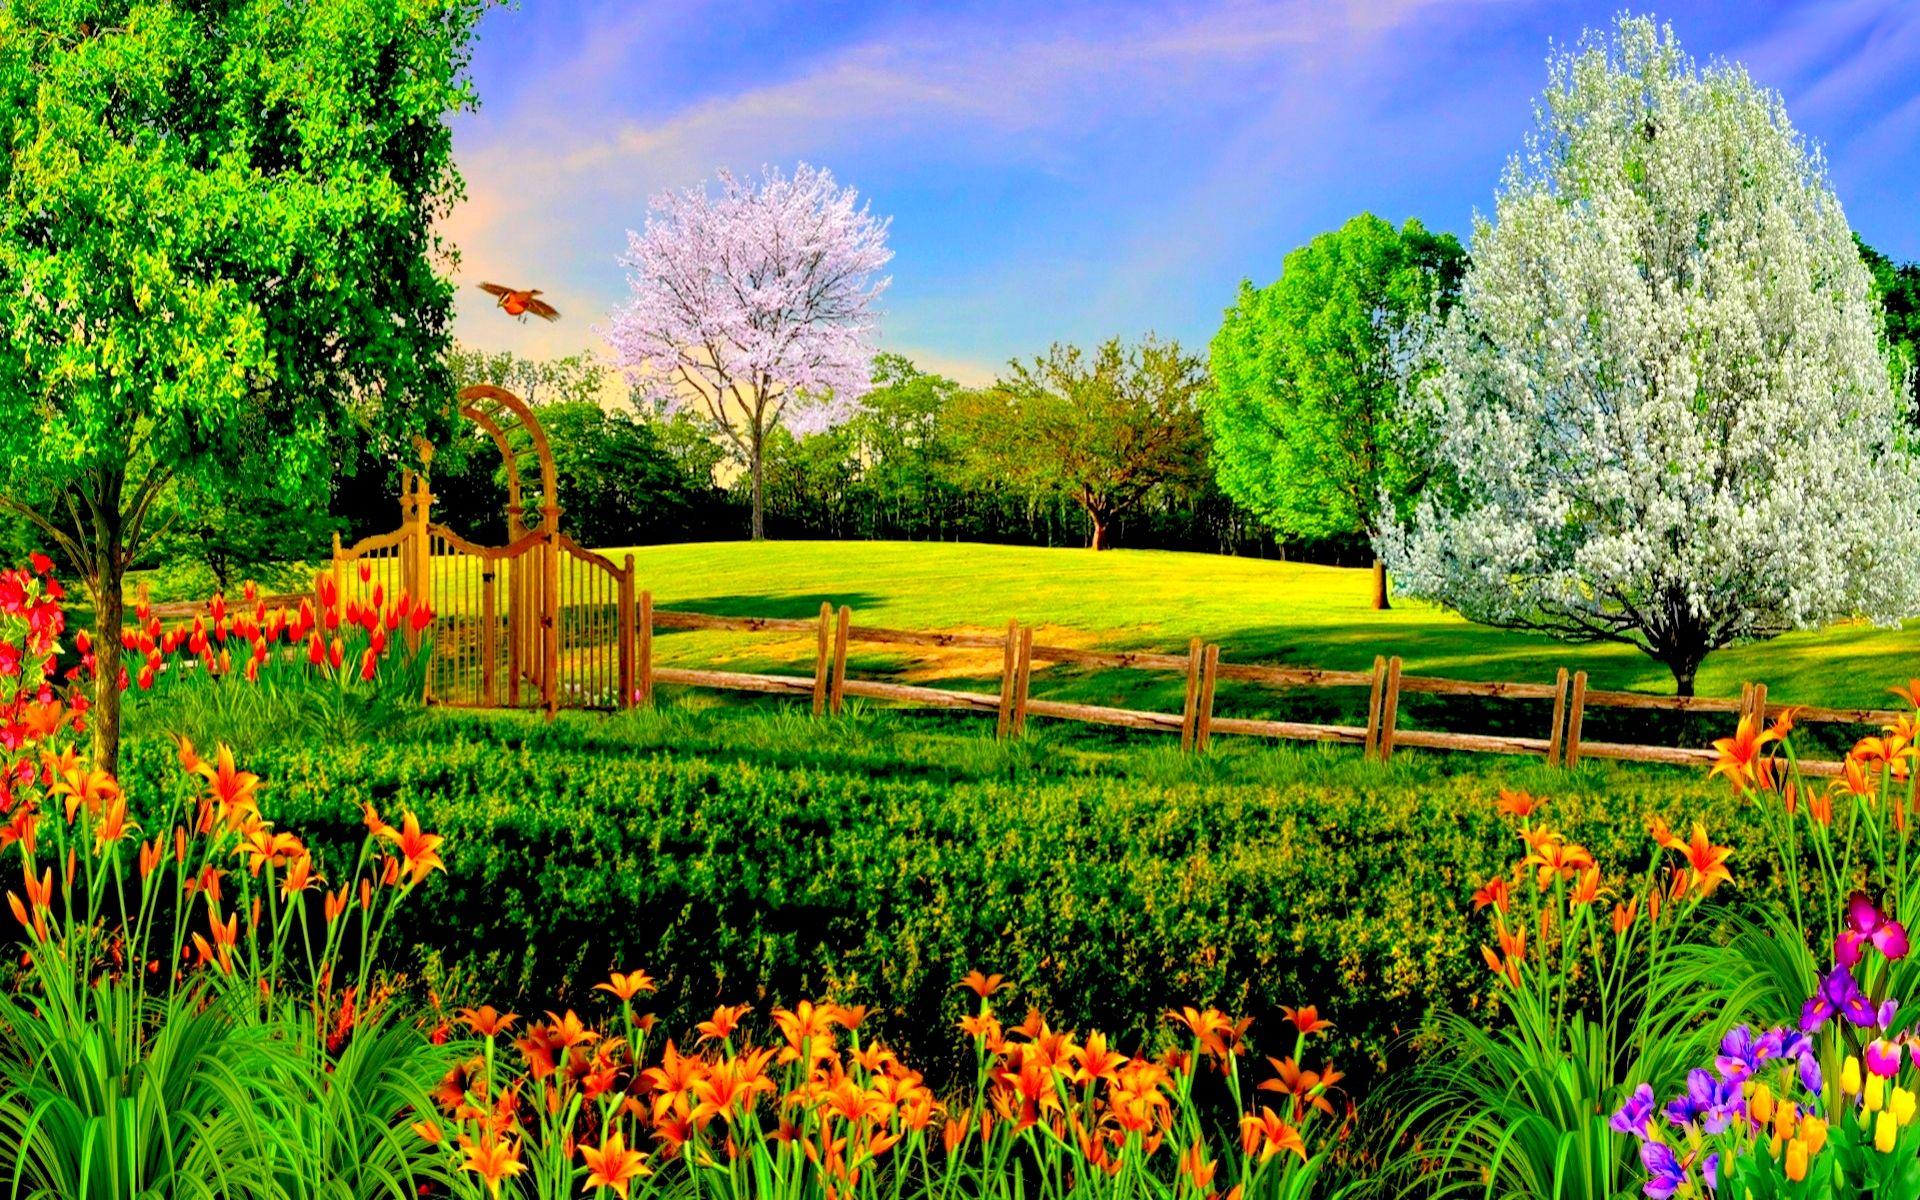 Summer Nature Backgrounds Hd Desktop 10 HD Wallpapers 1920x1200